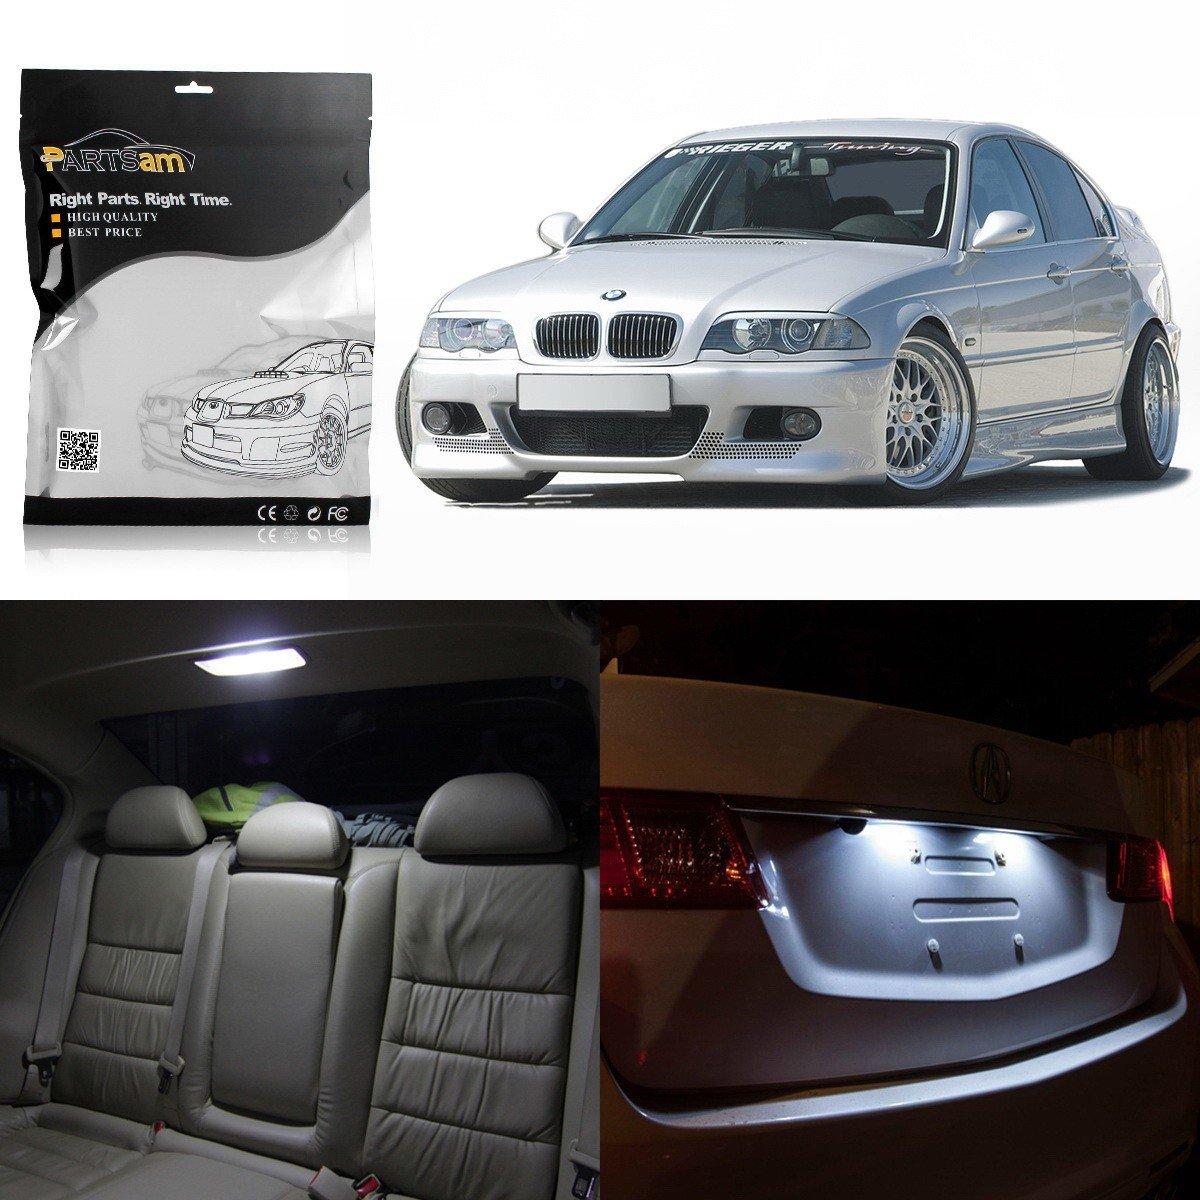 2002 Bmw M3 Interior: BMW E46 M3 Parts: Amazon.com